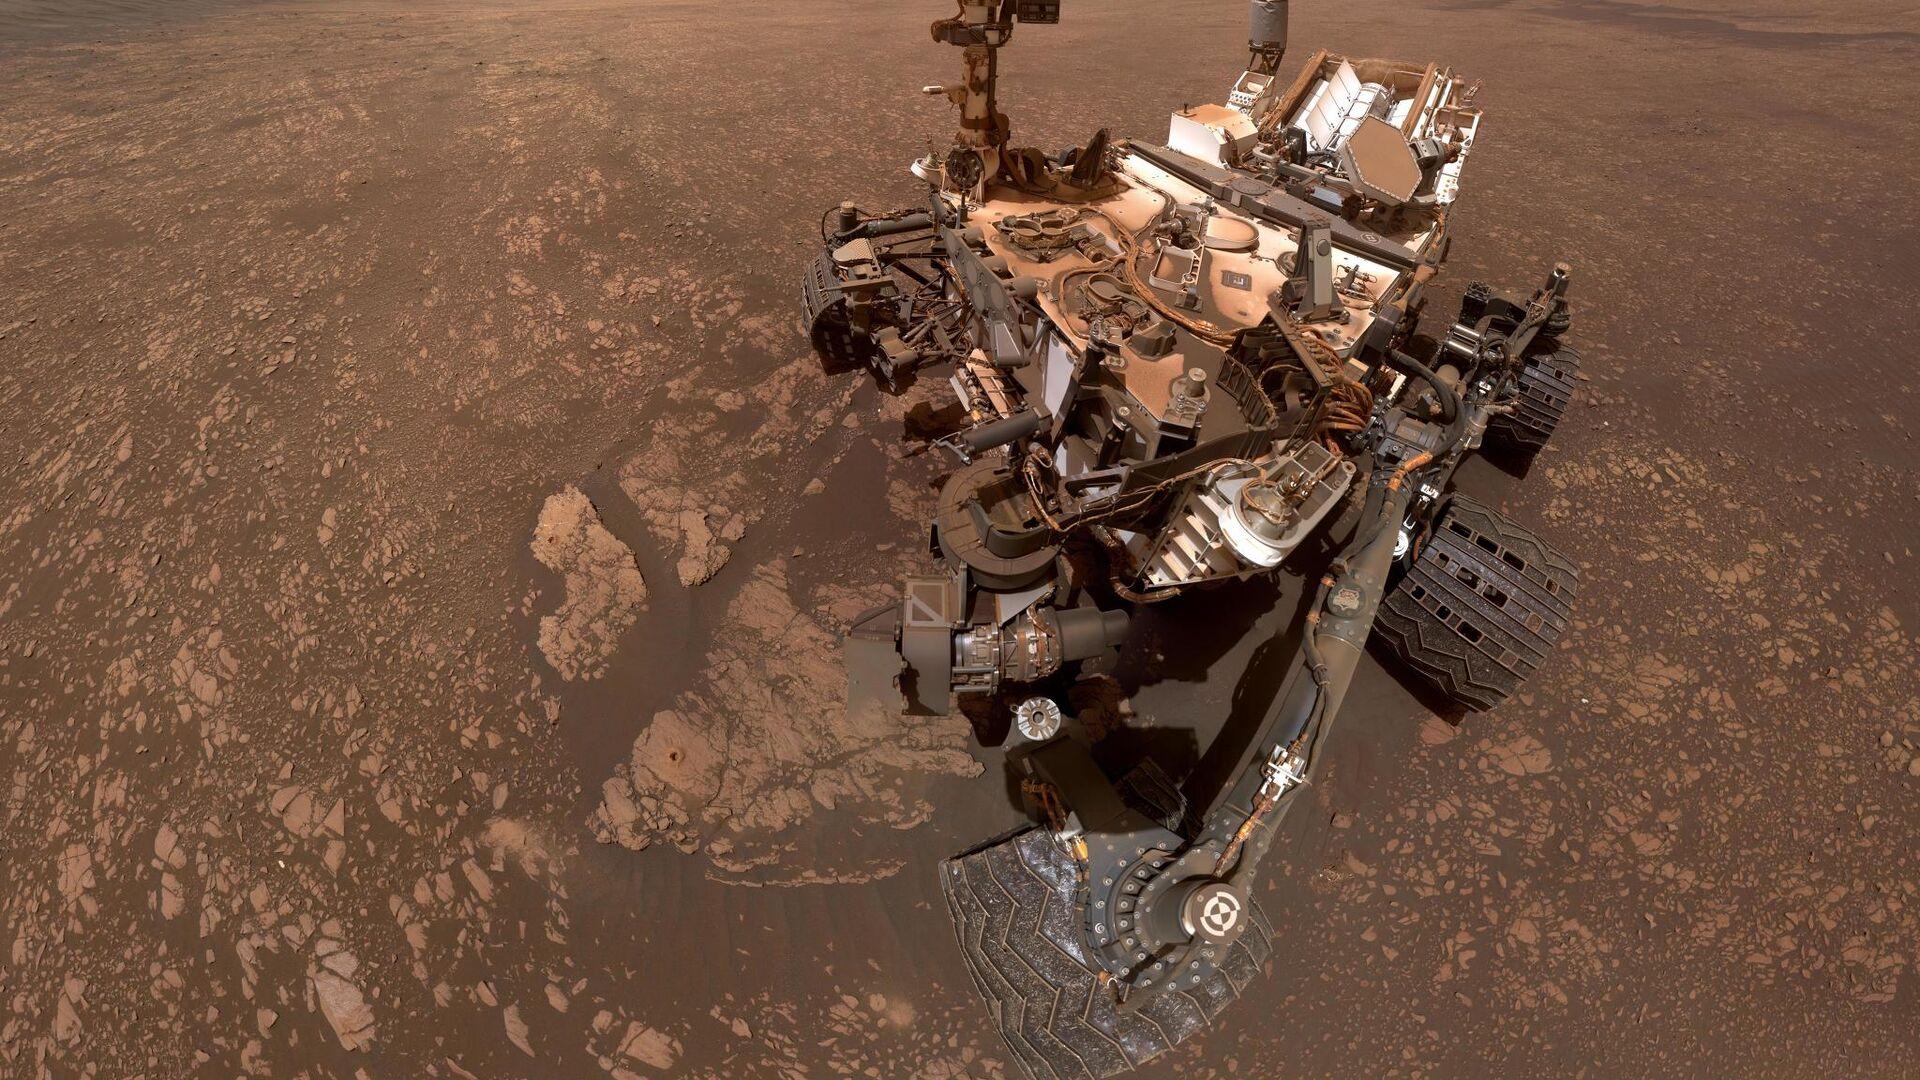 Марсоход Curiosity сделал сэлфи на фоне залежей глины - РИА Новости, 1920, 14.11.2020